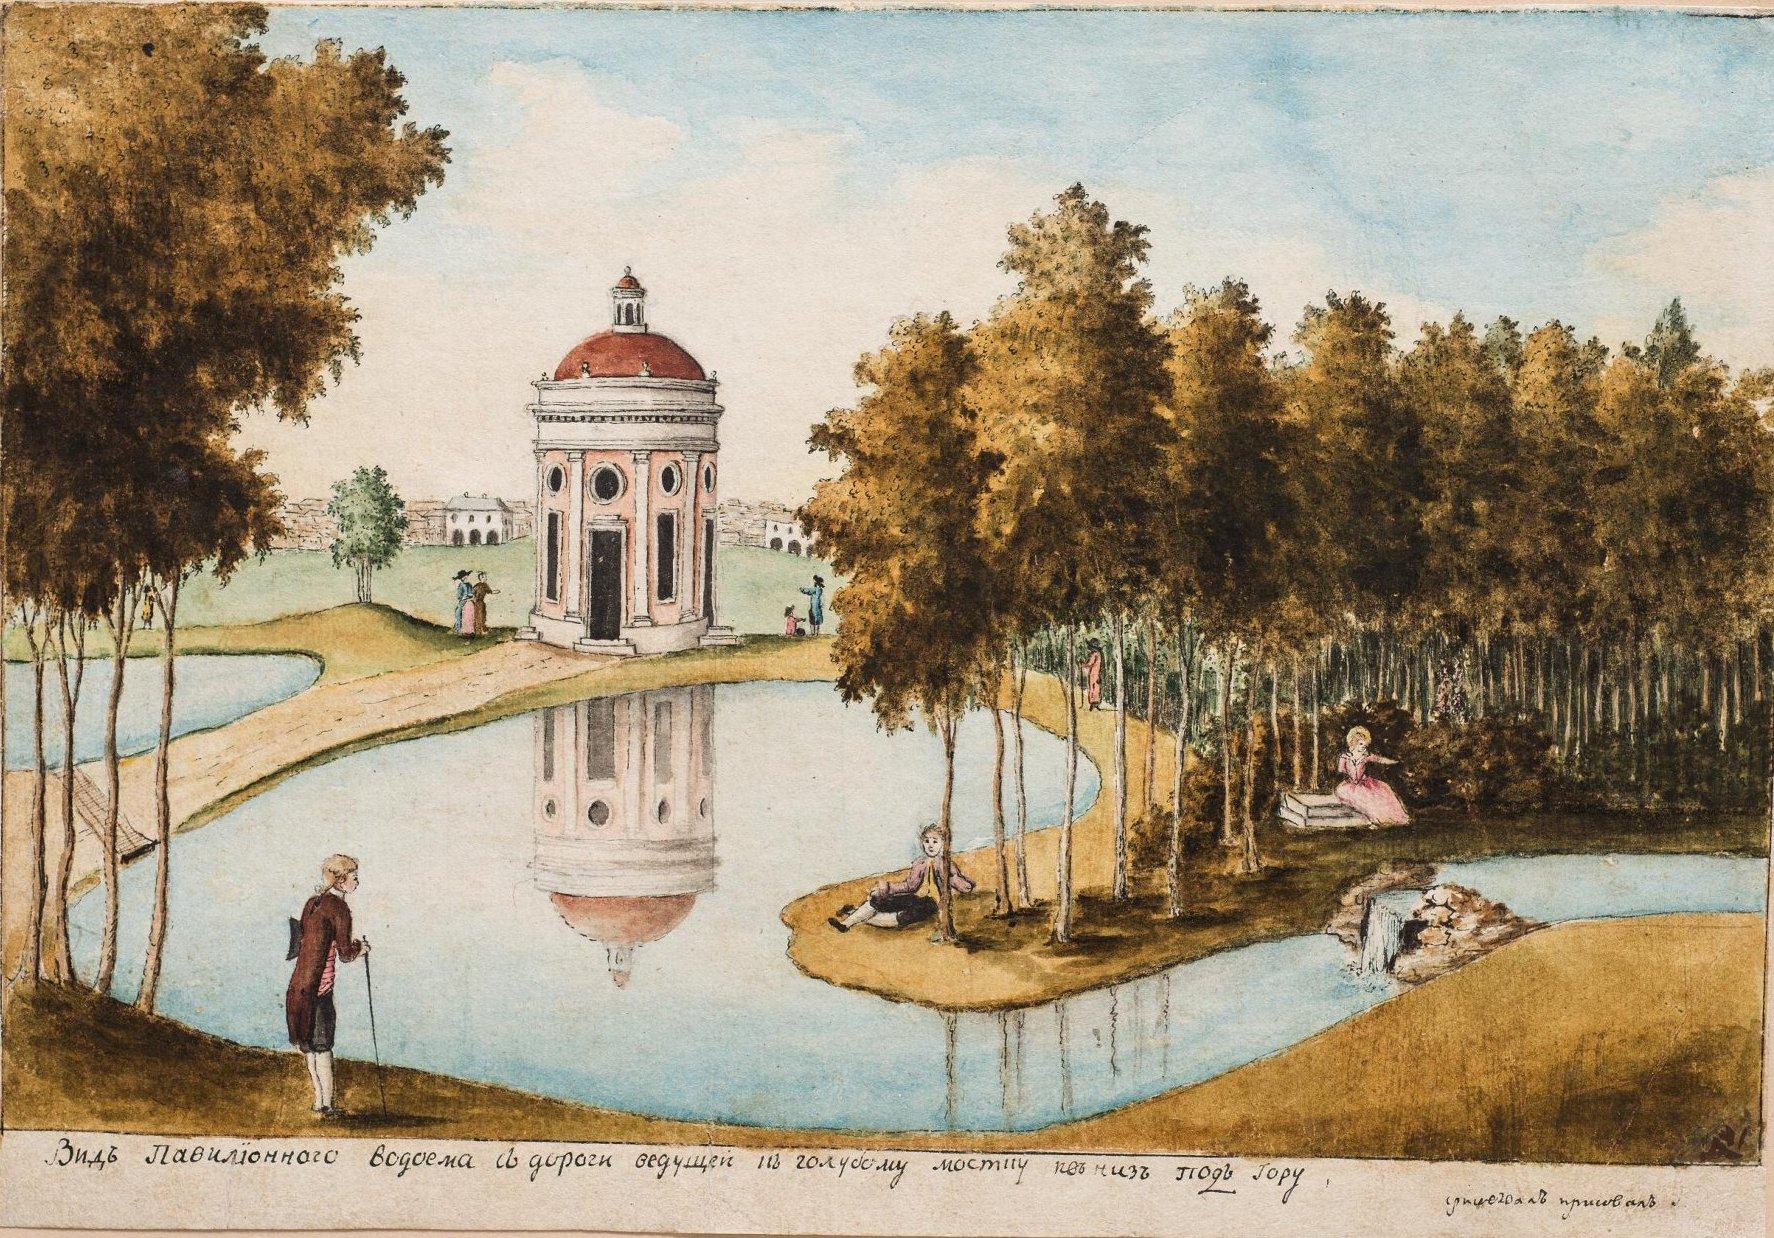 Вид на Павильонный пруд в Богородицком парке (Вид павильонного водоема с дороги ведущей к голубому мостку и вниз под гору)